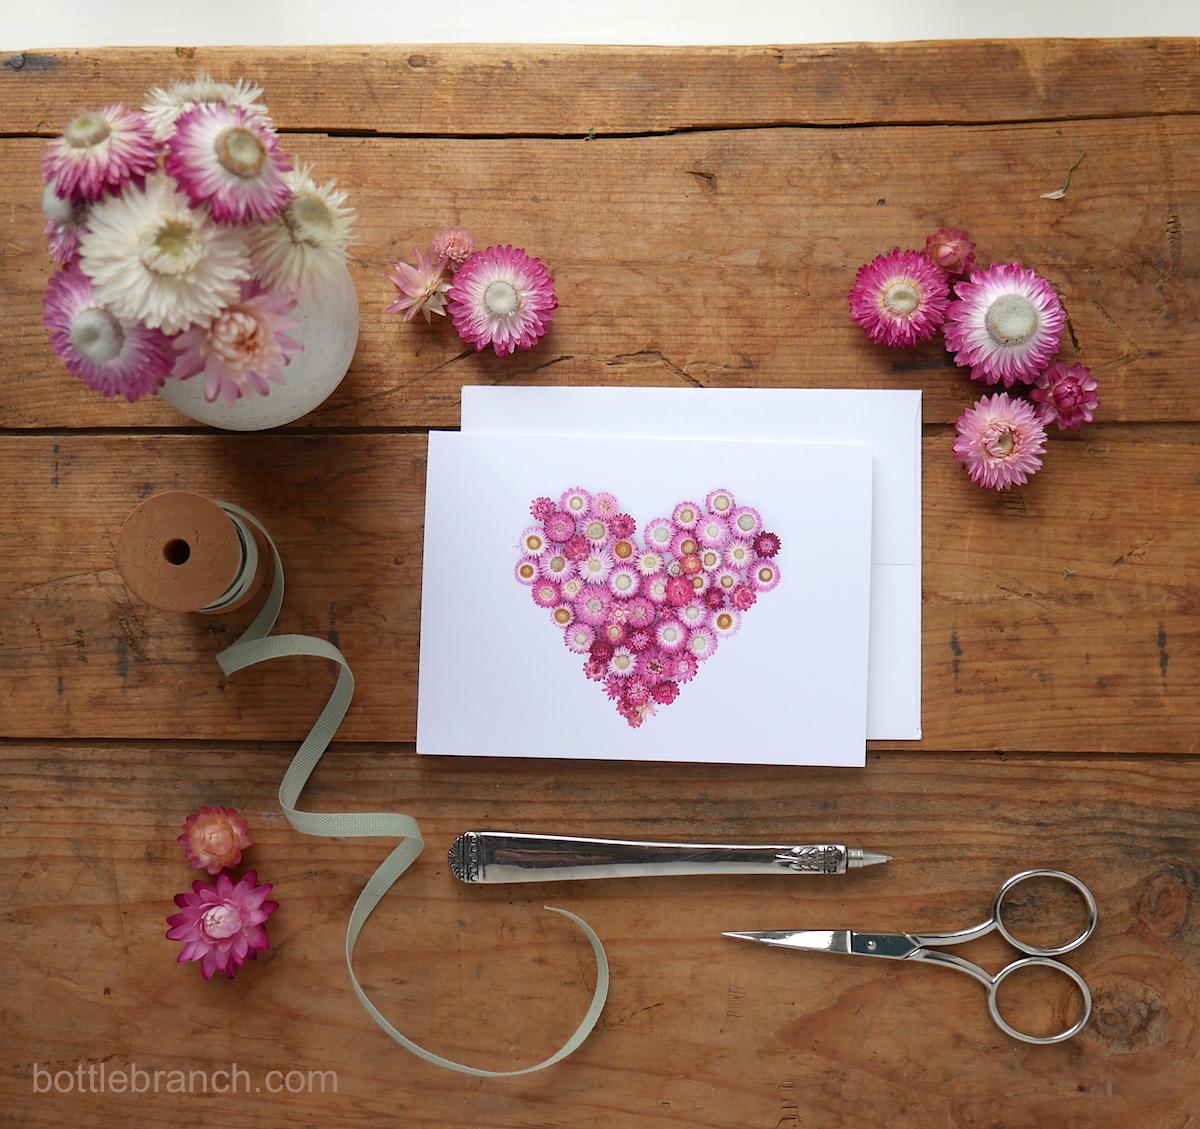 strawflower-valentine-bottle-branch-blog